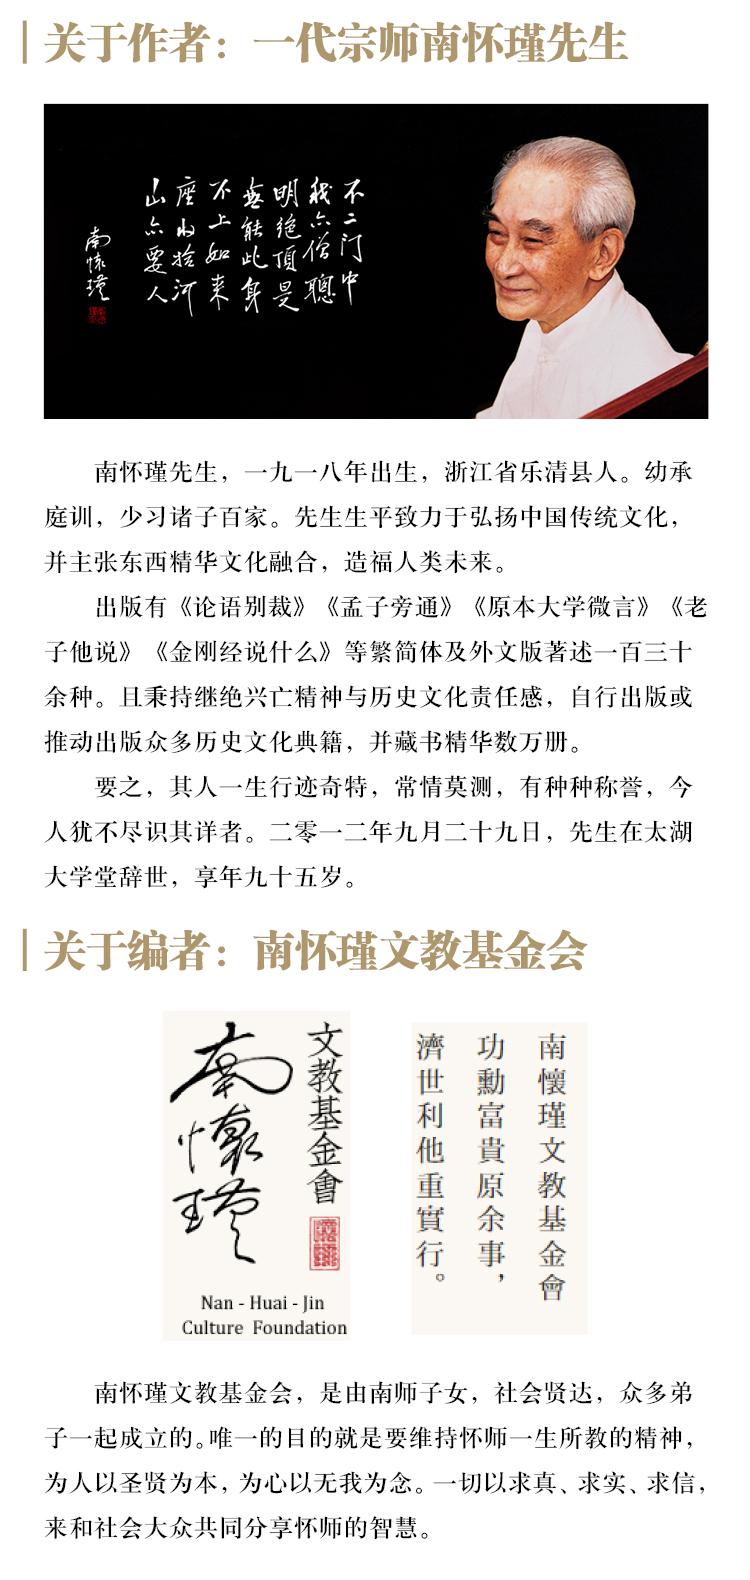 《南怀瑾日课》宣传图 (1).jpg